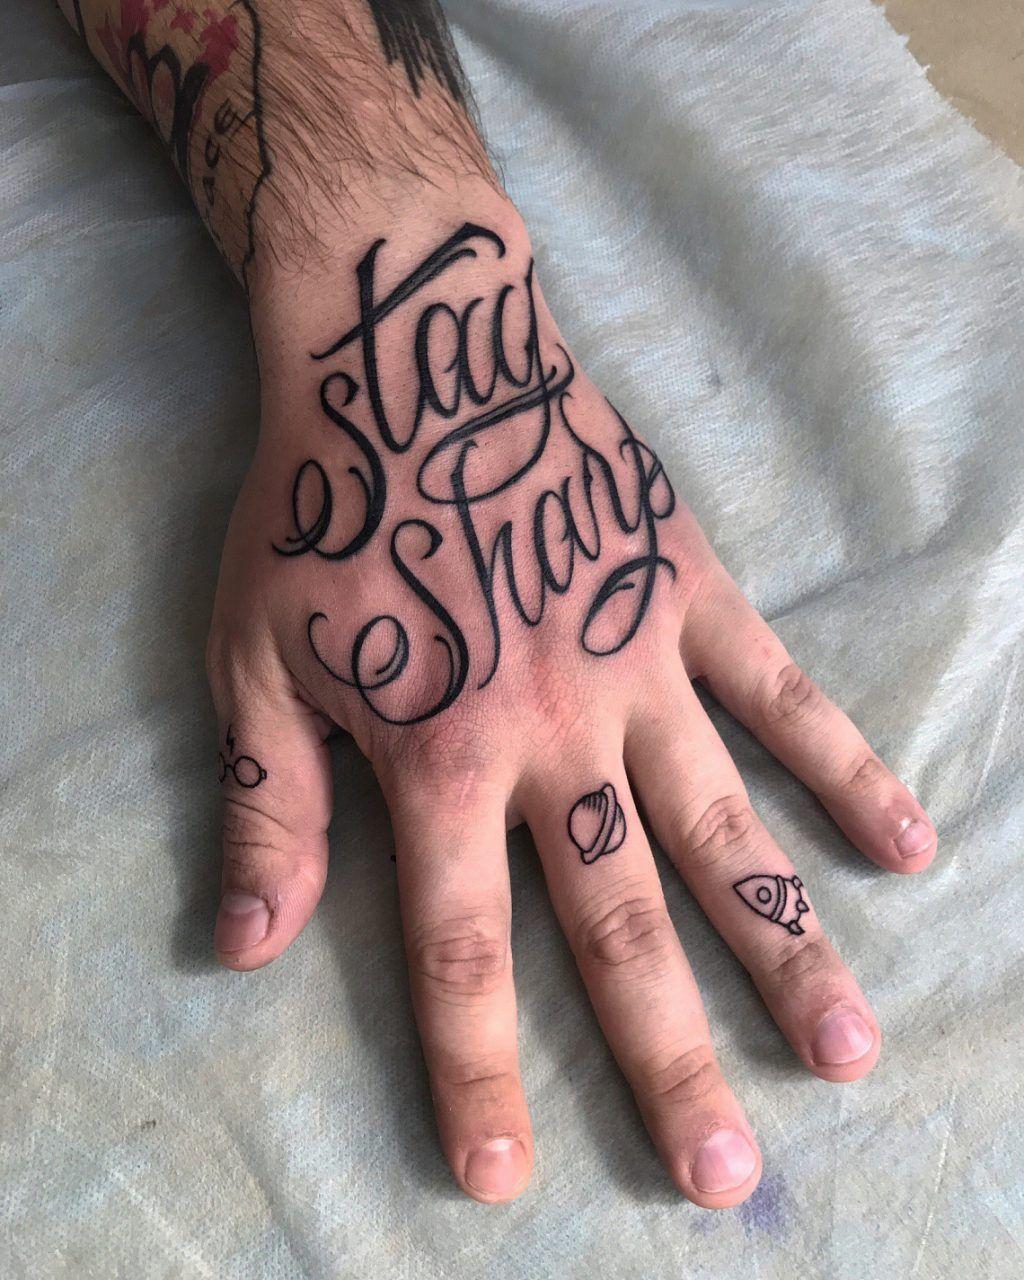 Красивые фразы на латыни с переводом для татуировки | 1280x1024